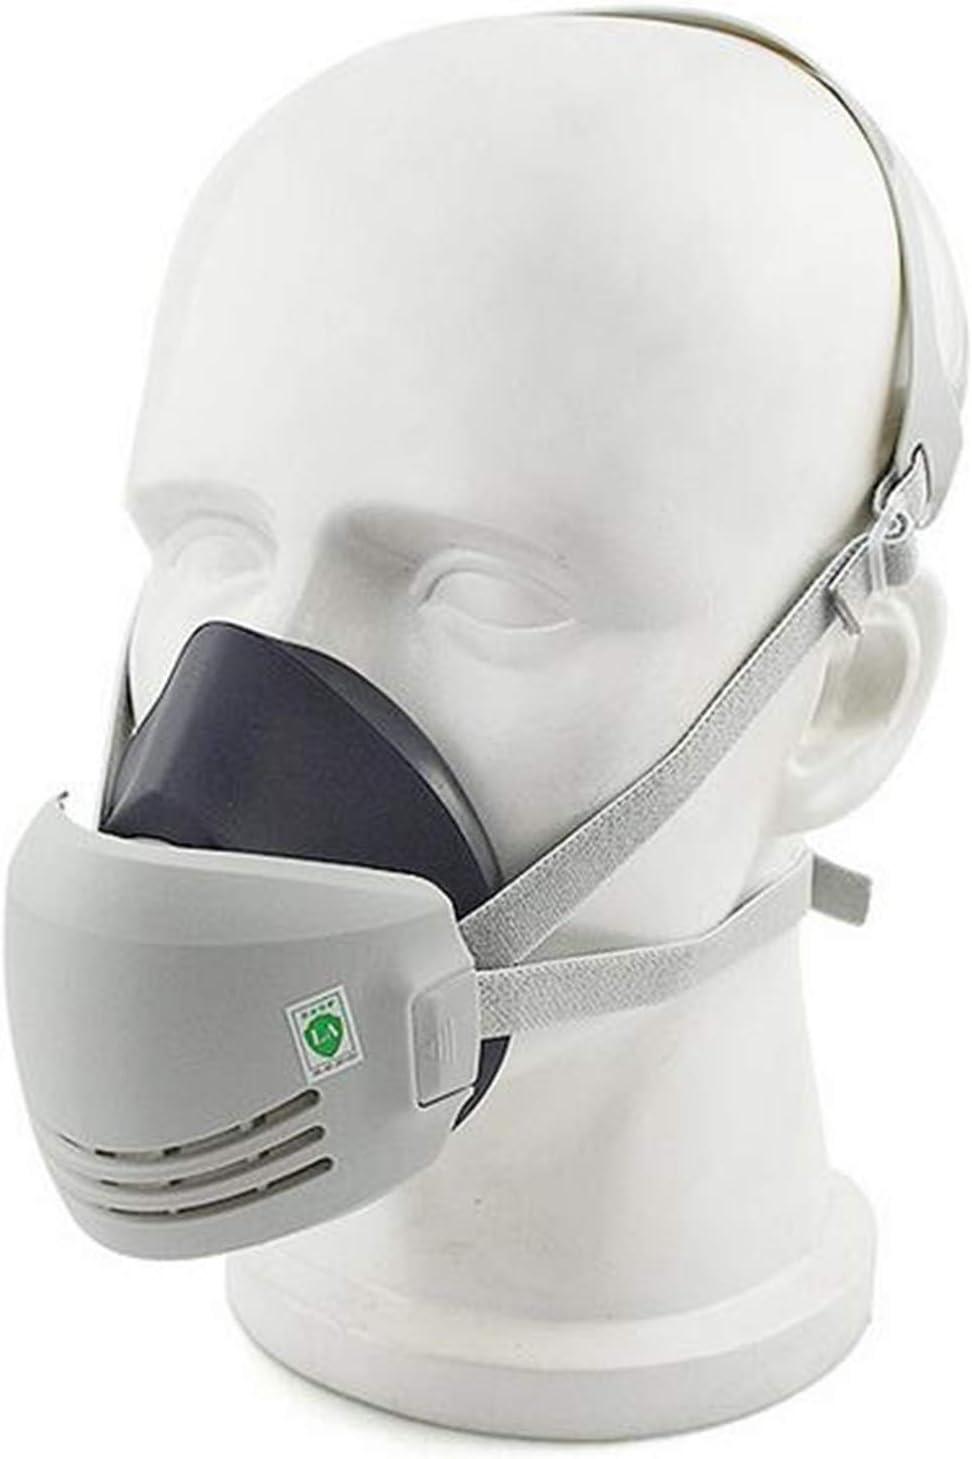 Máscara industrial de seguridad de soldadura de protección contra el polvo de pintura química contra el polvo reutilizable (1pcs goma máscara anti-polvo + 10 piezas de filtros de algodón)